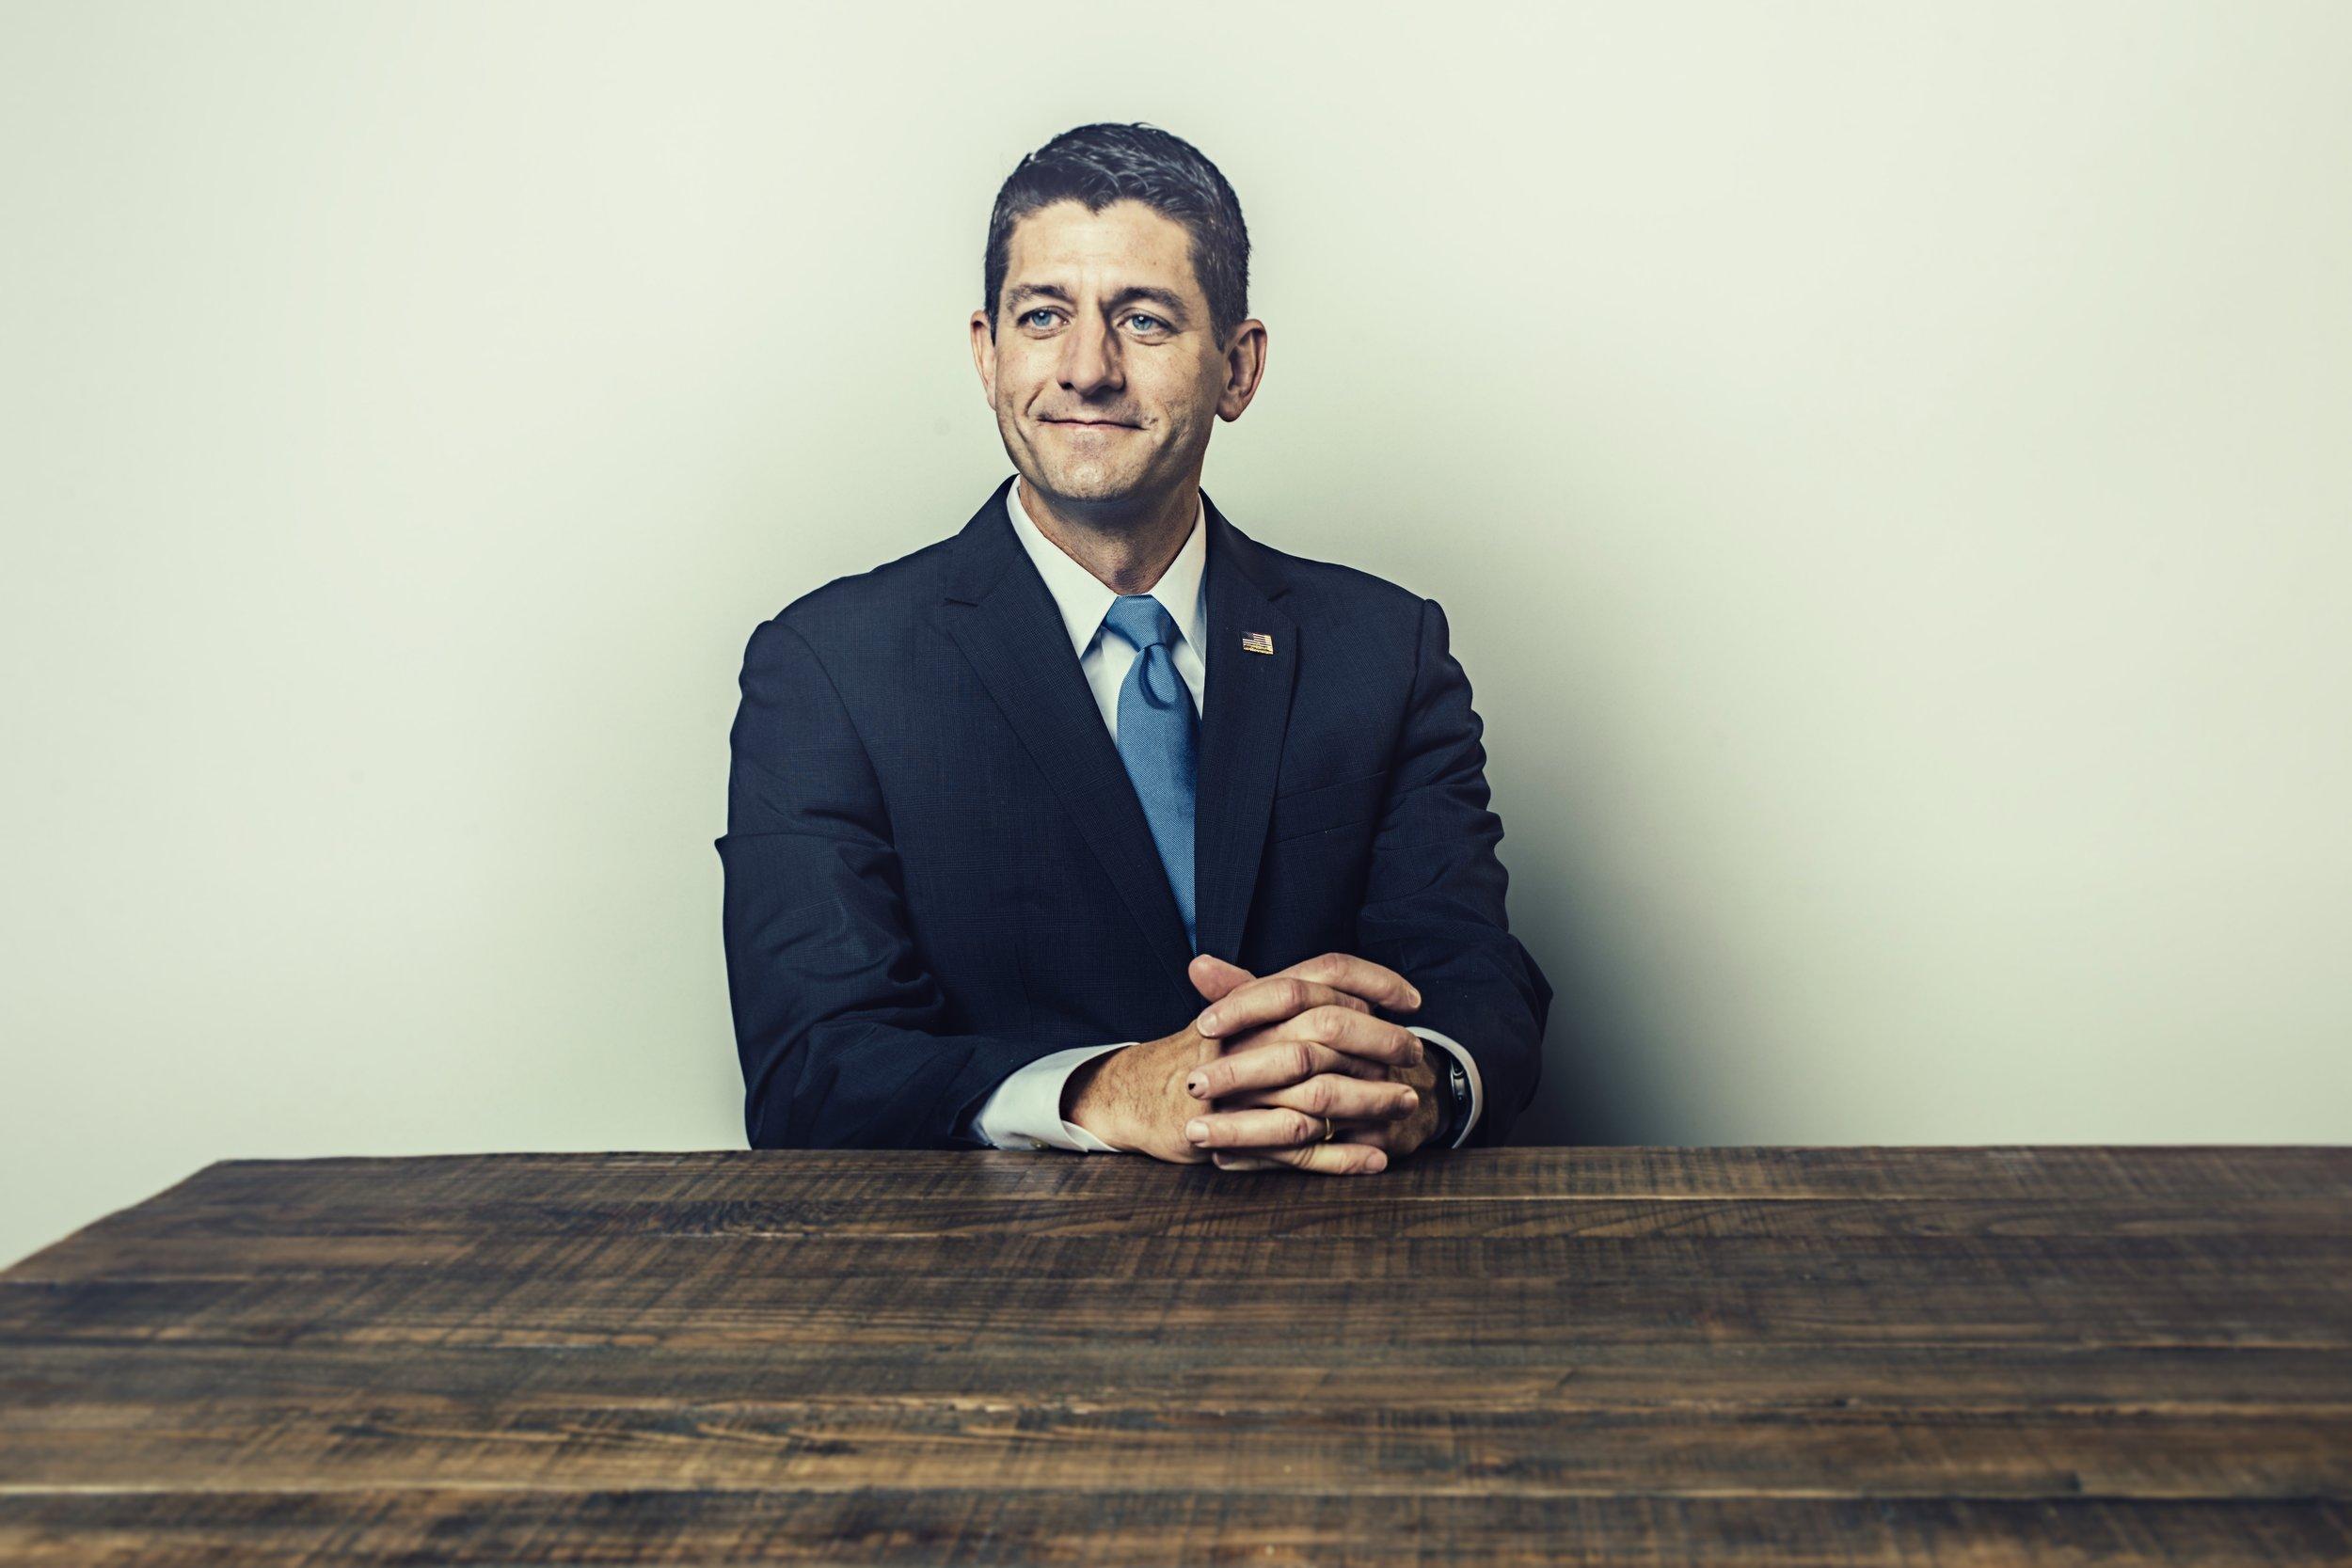 Senator Paul Ryan